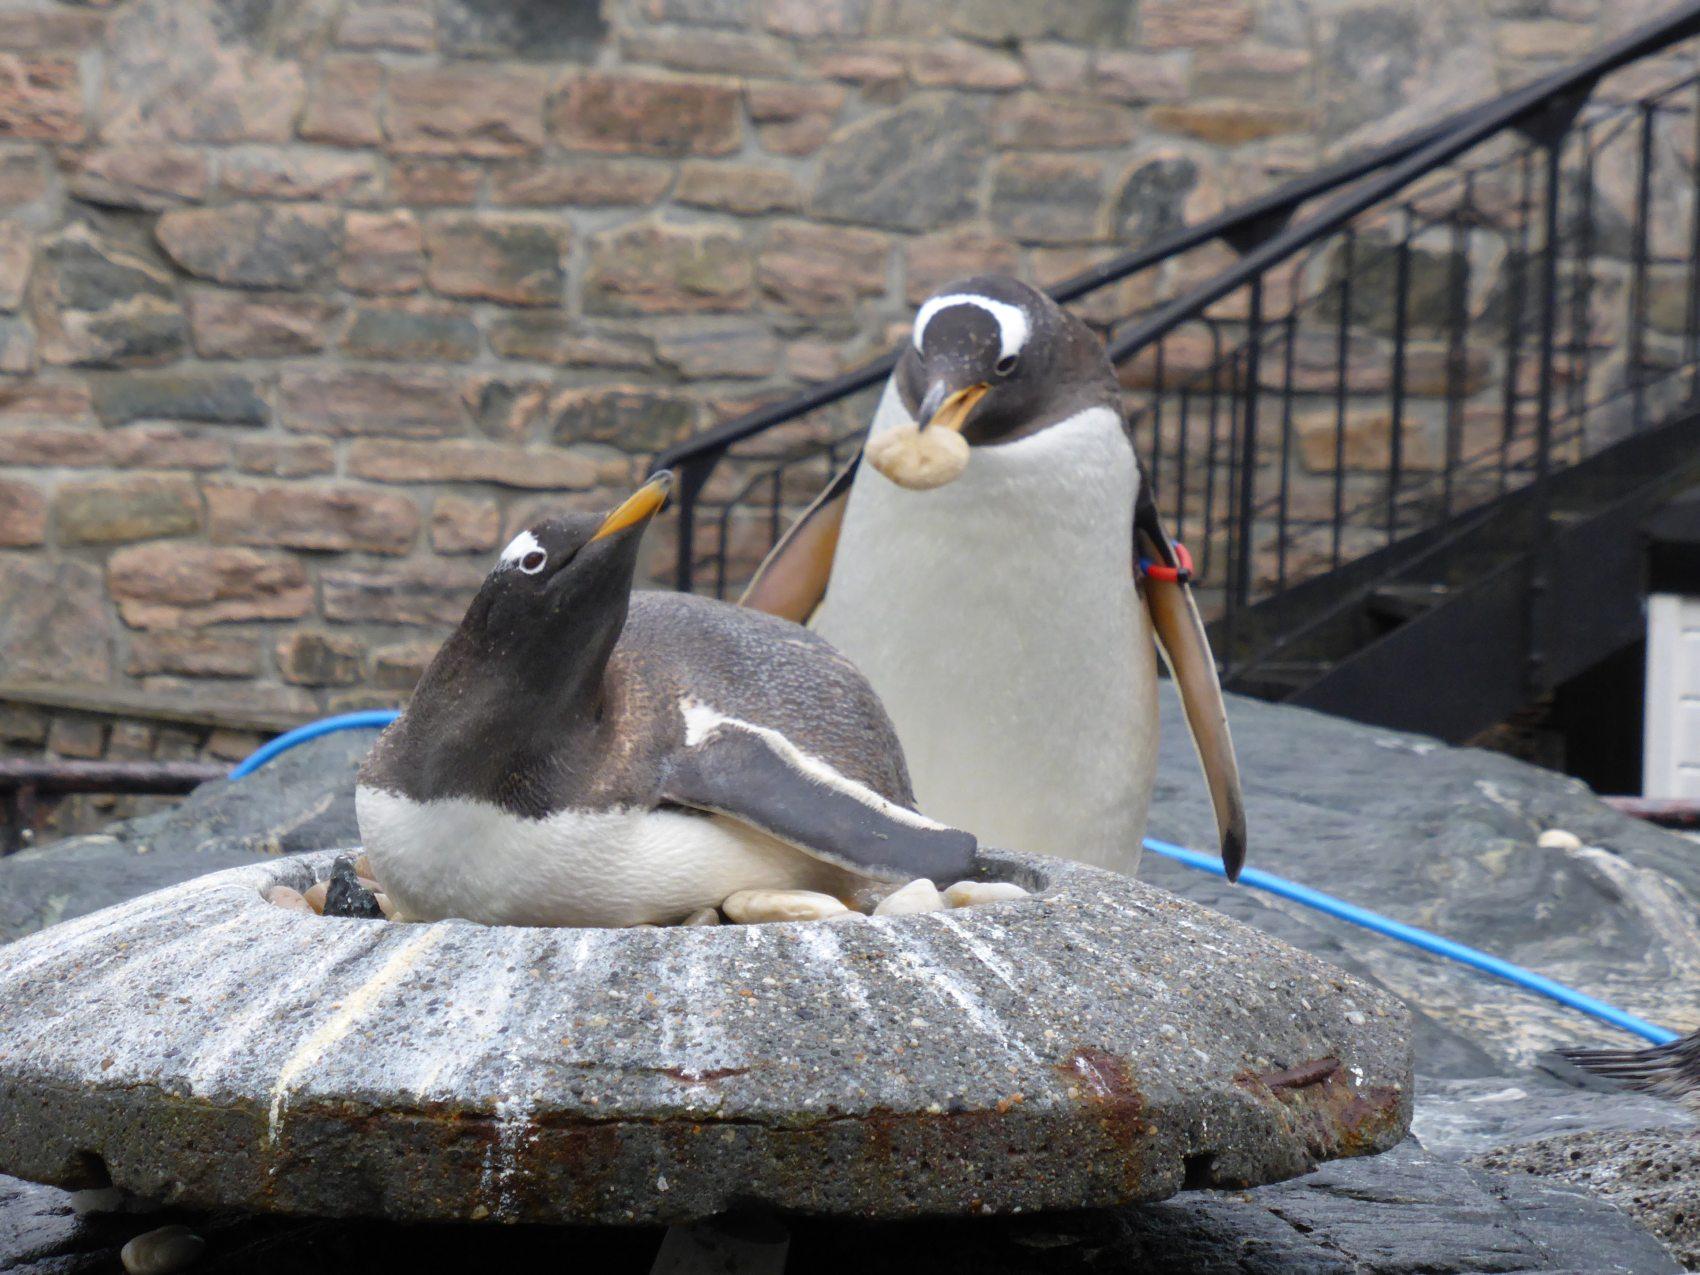 Det legger gjerne en stein til byrden at Akvariet må melde seg ut av dyreparkorganisasjon fordi de må oppgradere betydelig før de kan bli medlem igjen. Foto Eva Johansen